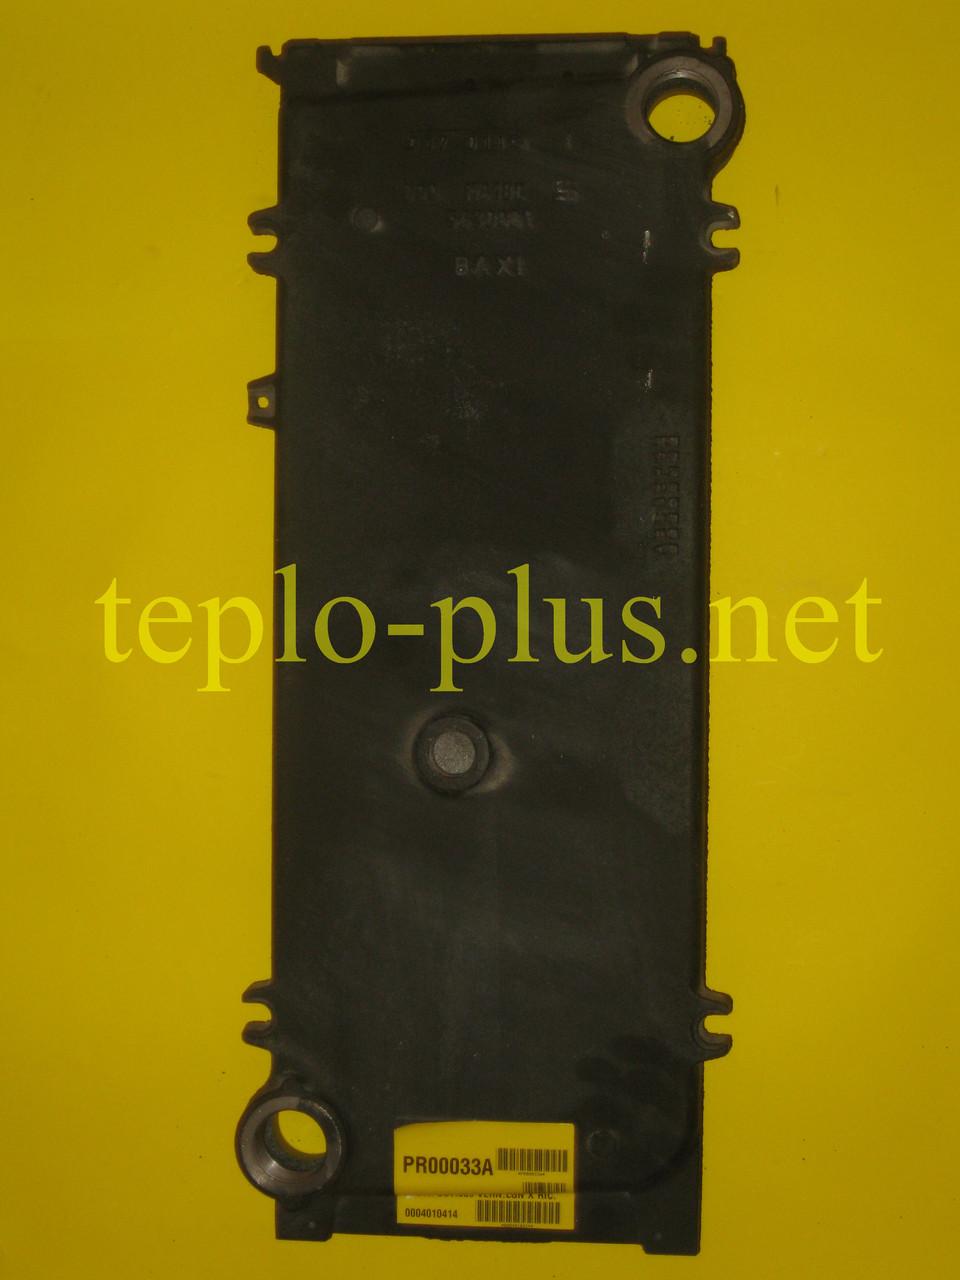 Baxi 2 теплообменника жидкость для промывки котлов и теплообменников